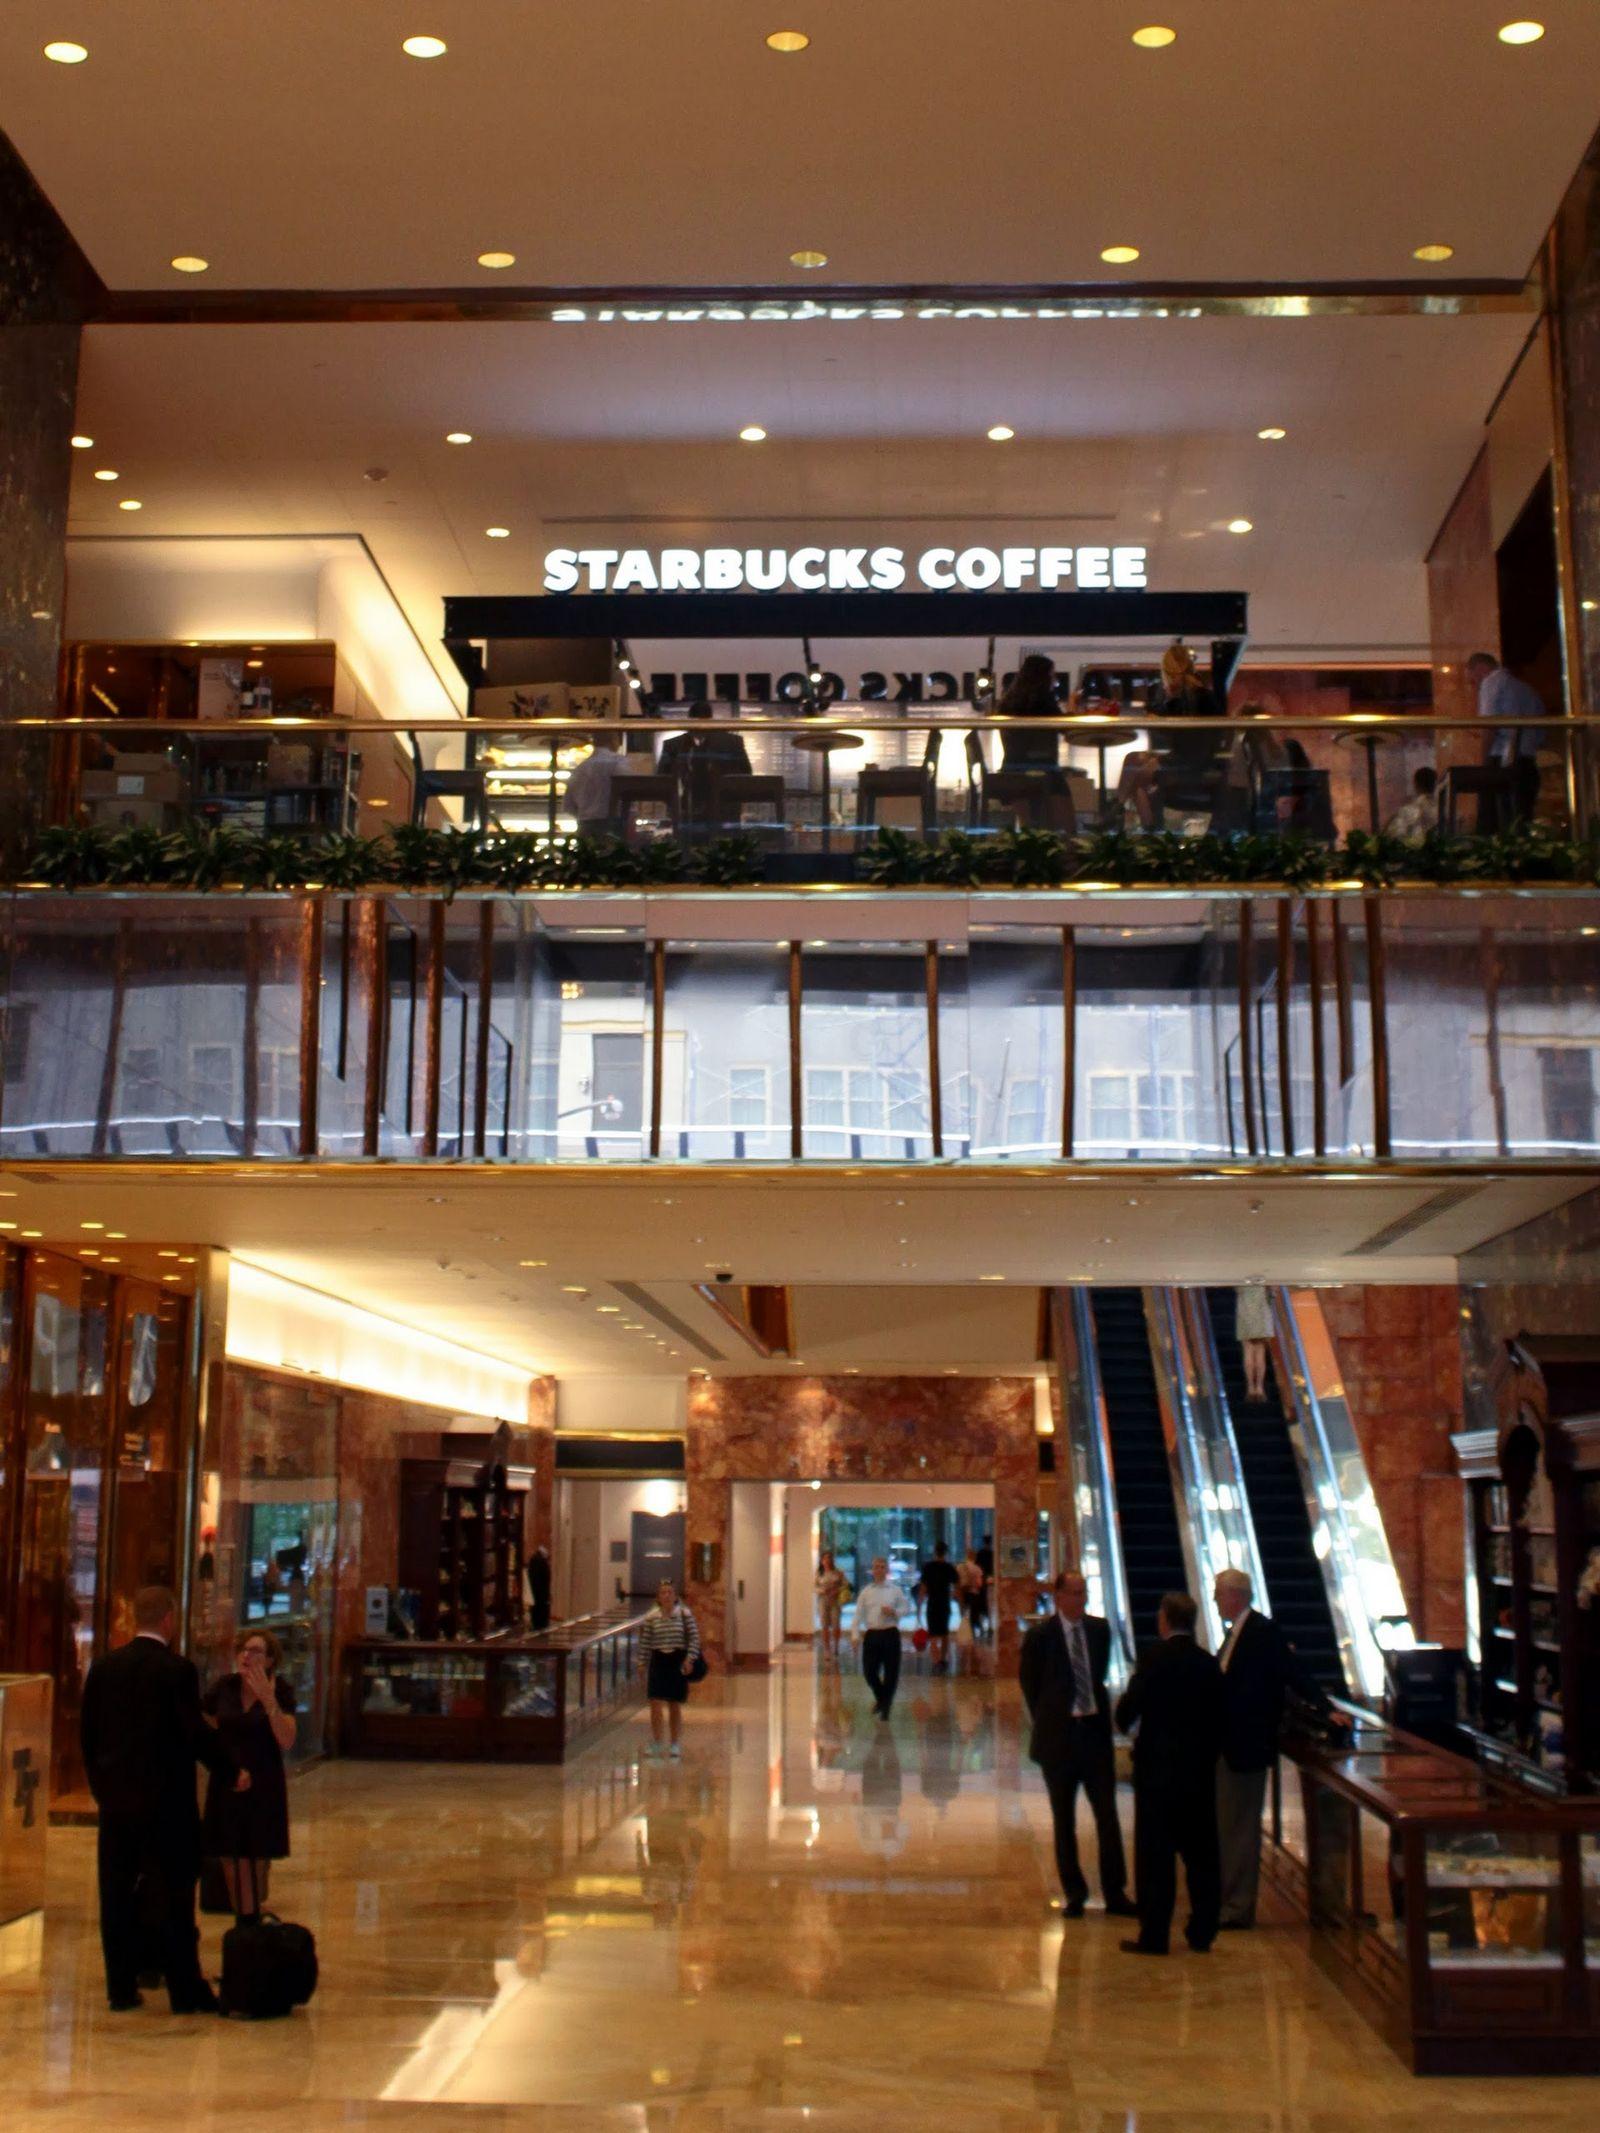 El Starbucks más pijo conocido